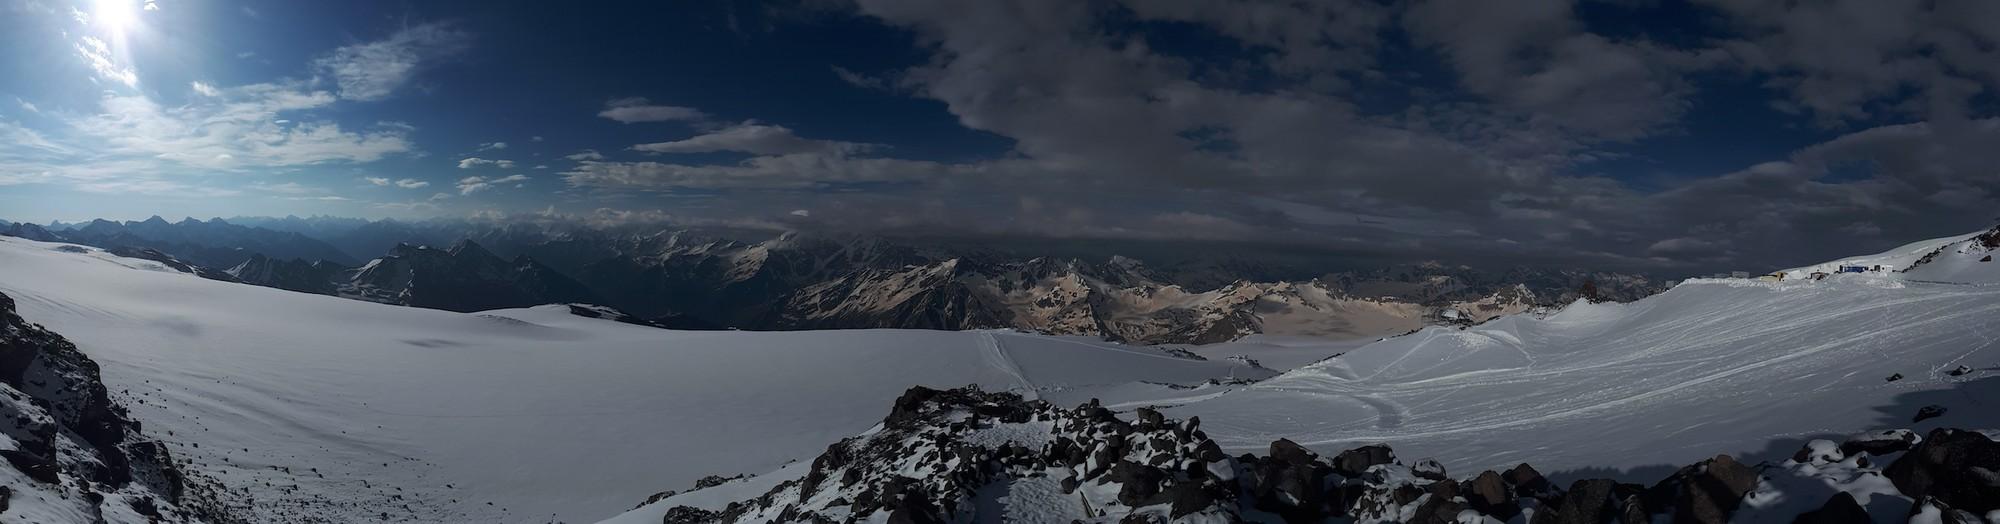 38 Elbrus